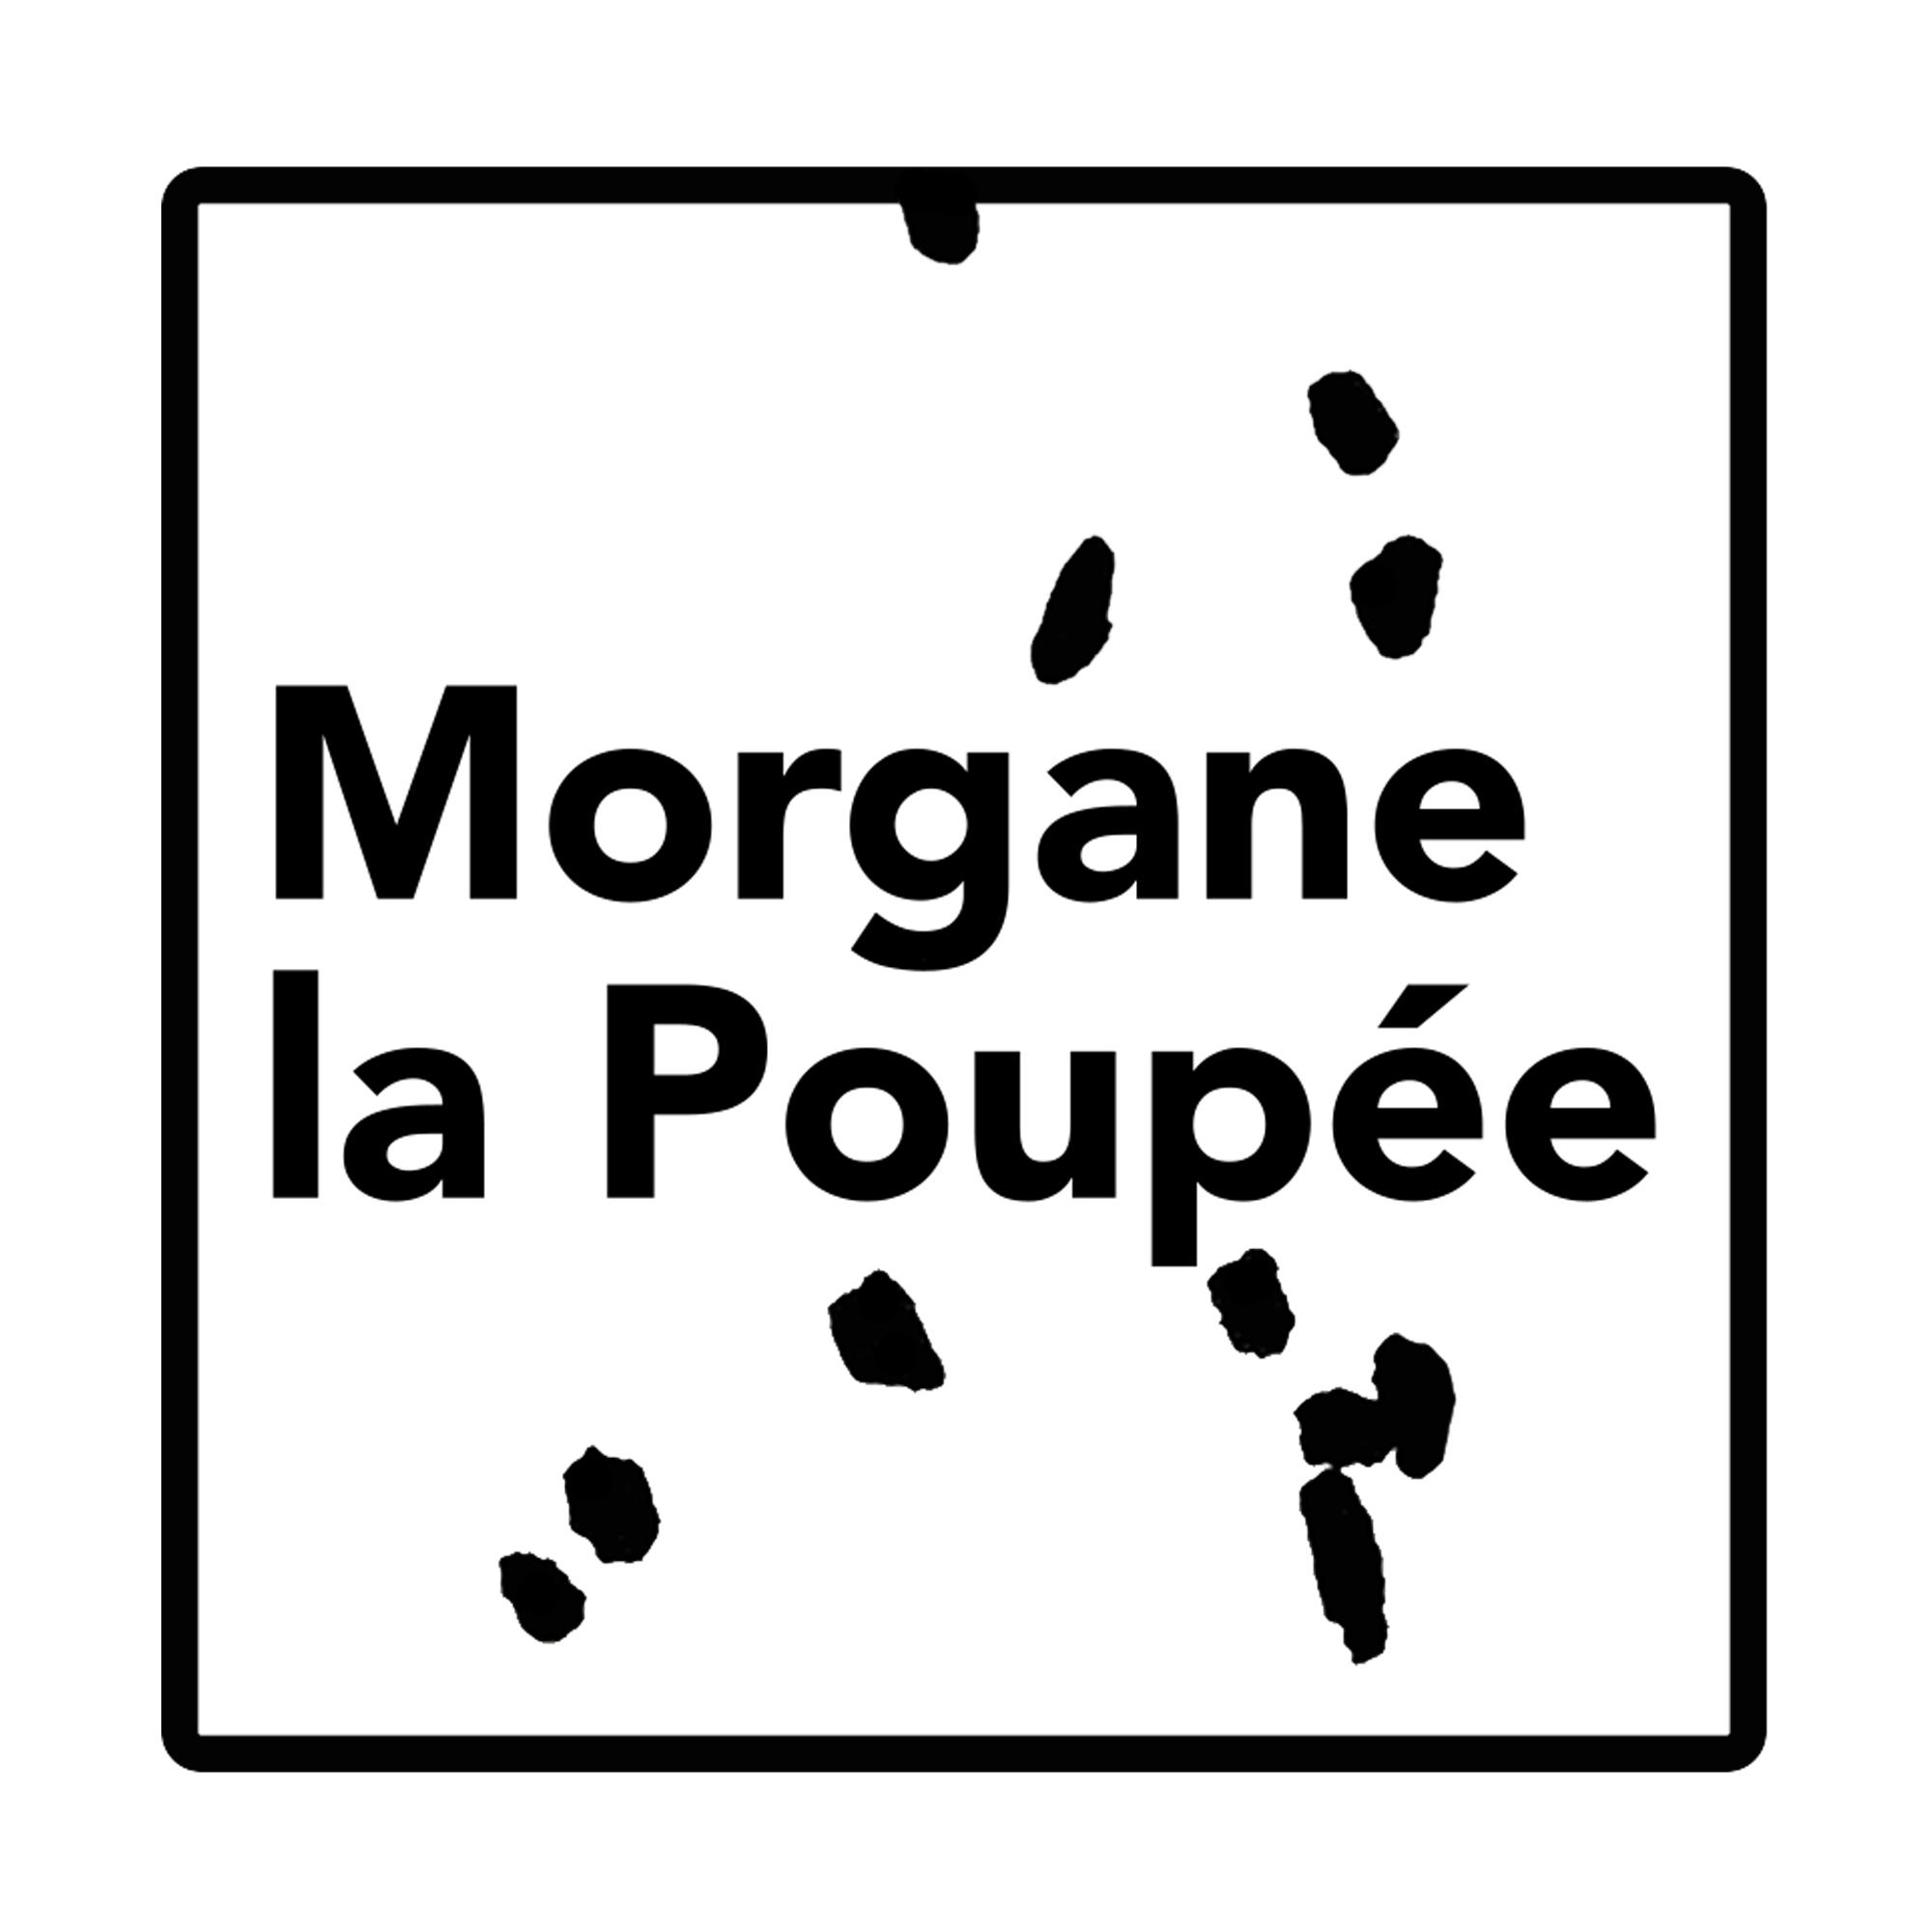 Morgane la Poupée